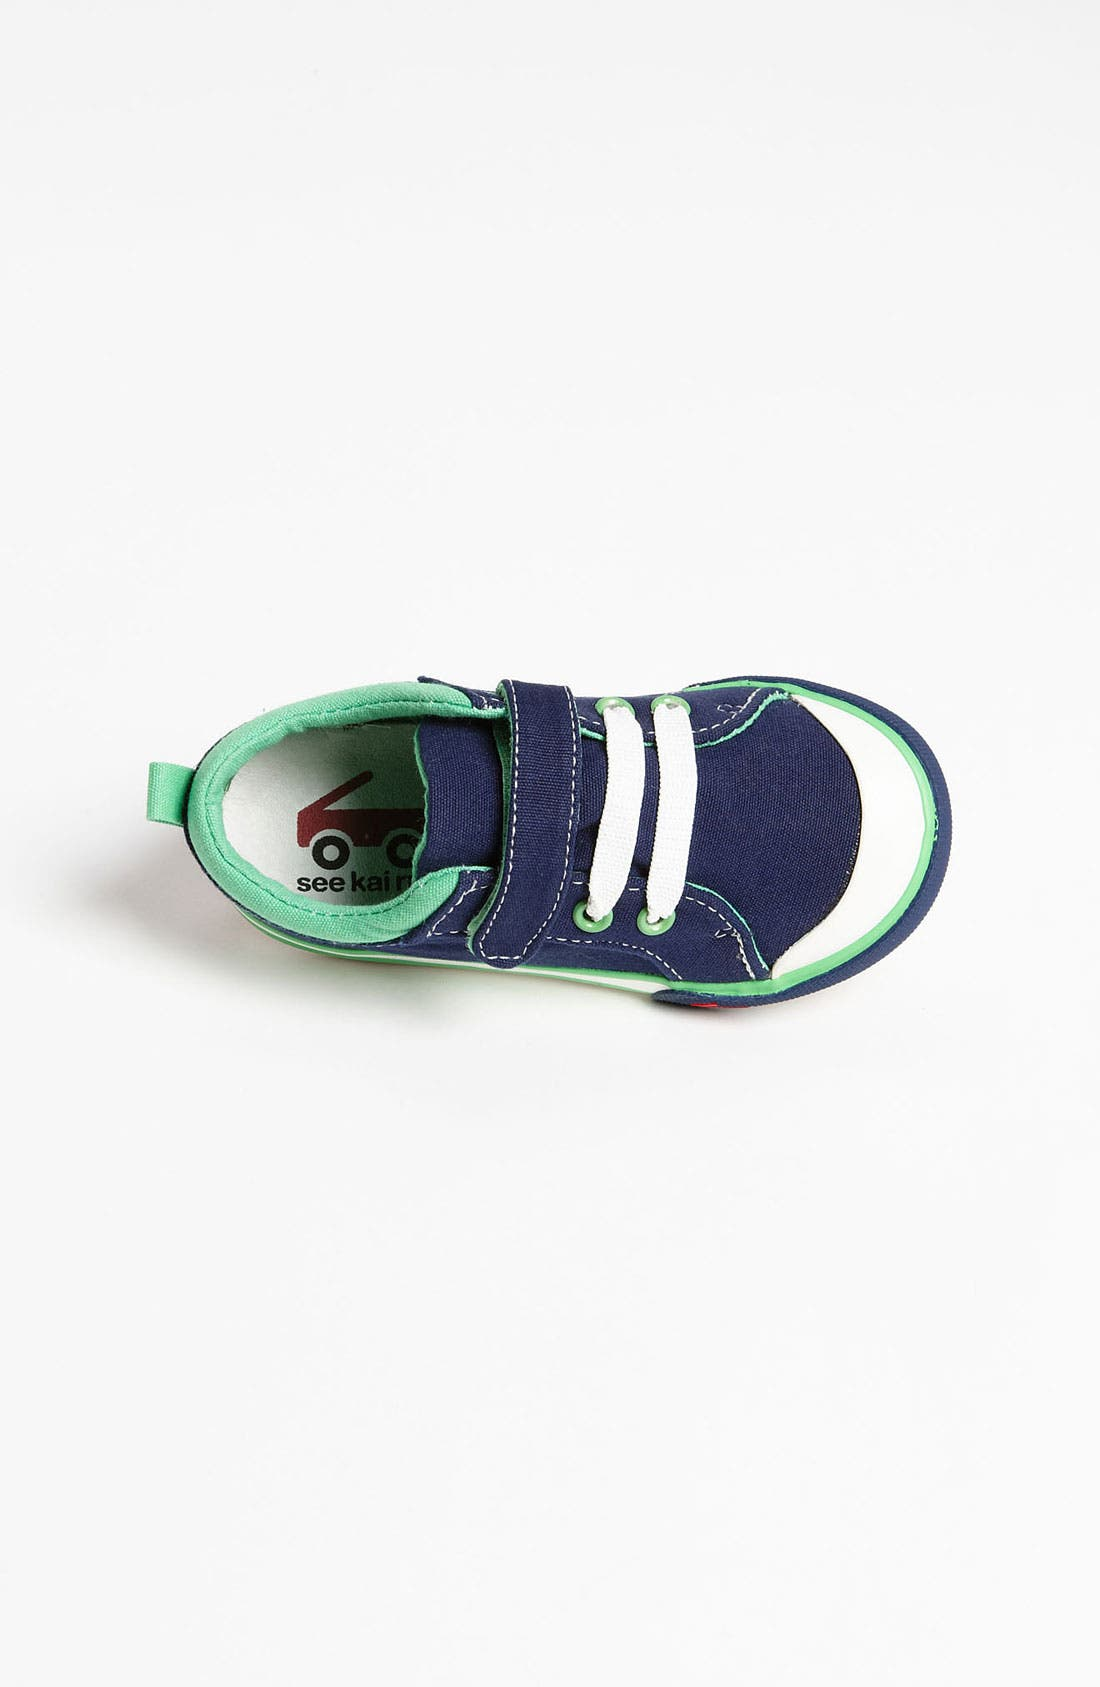 Alternate Image 3  - See Kai Run 'Stevie' Sneaker (Baby, Walker & Toddler)